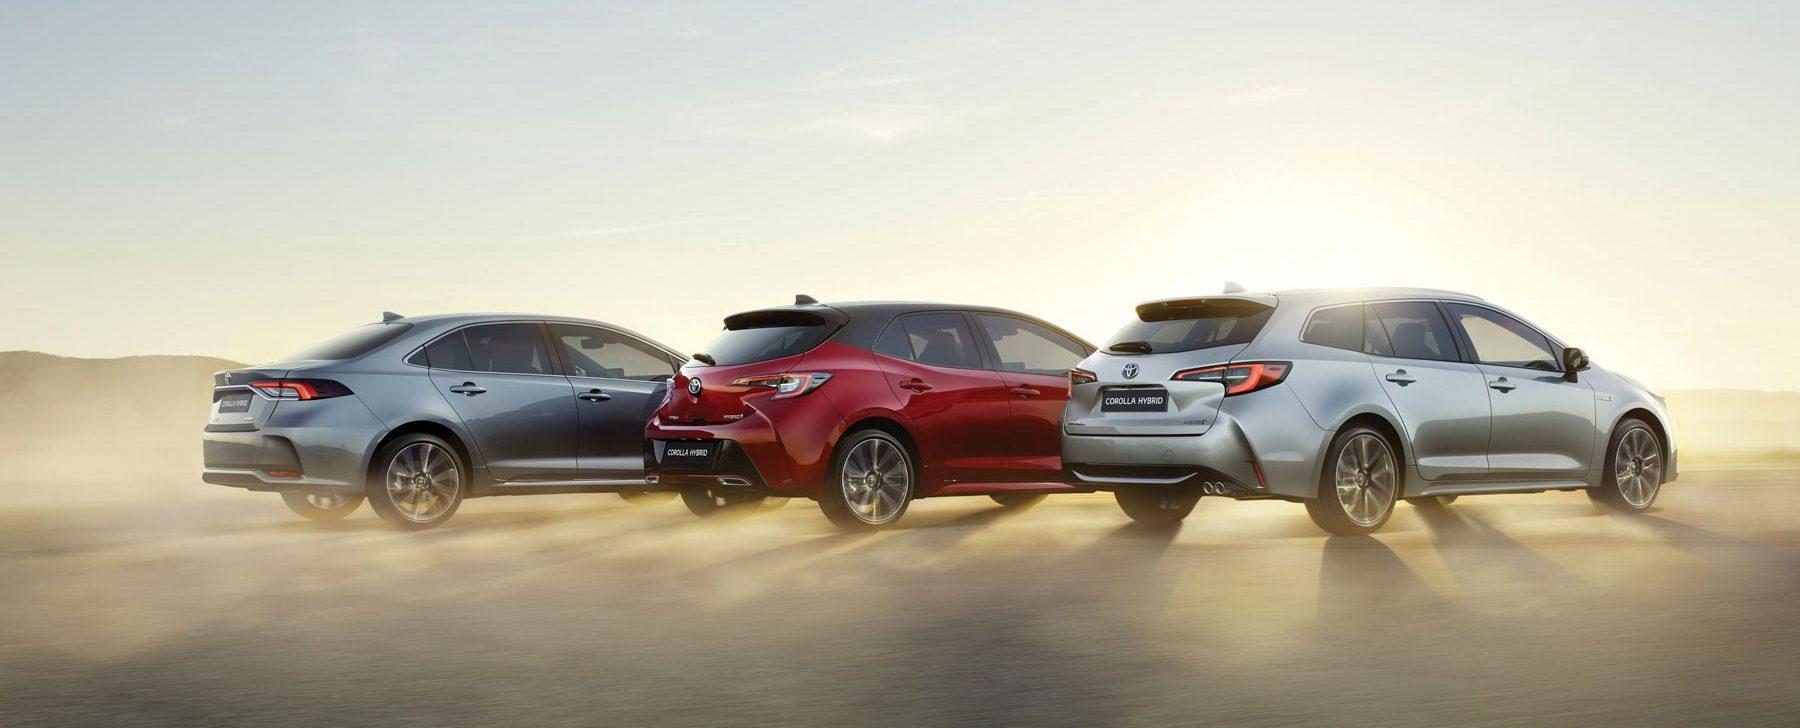 ¿Cuáles son los coches más fiables del mercado?